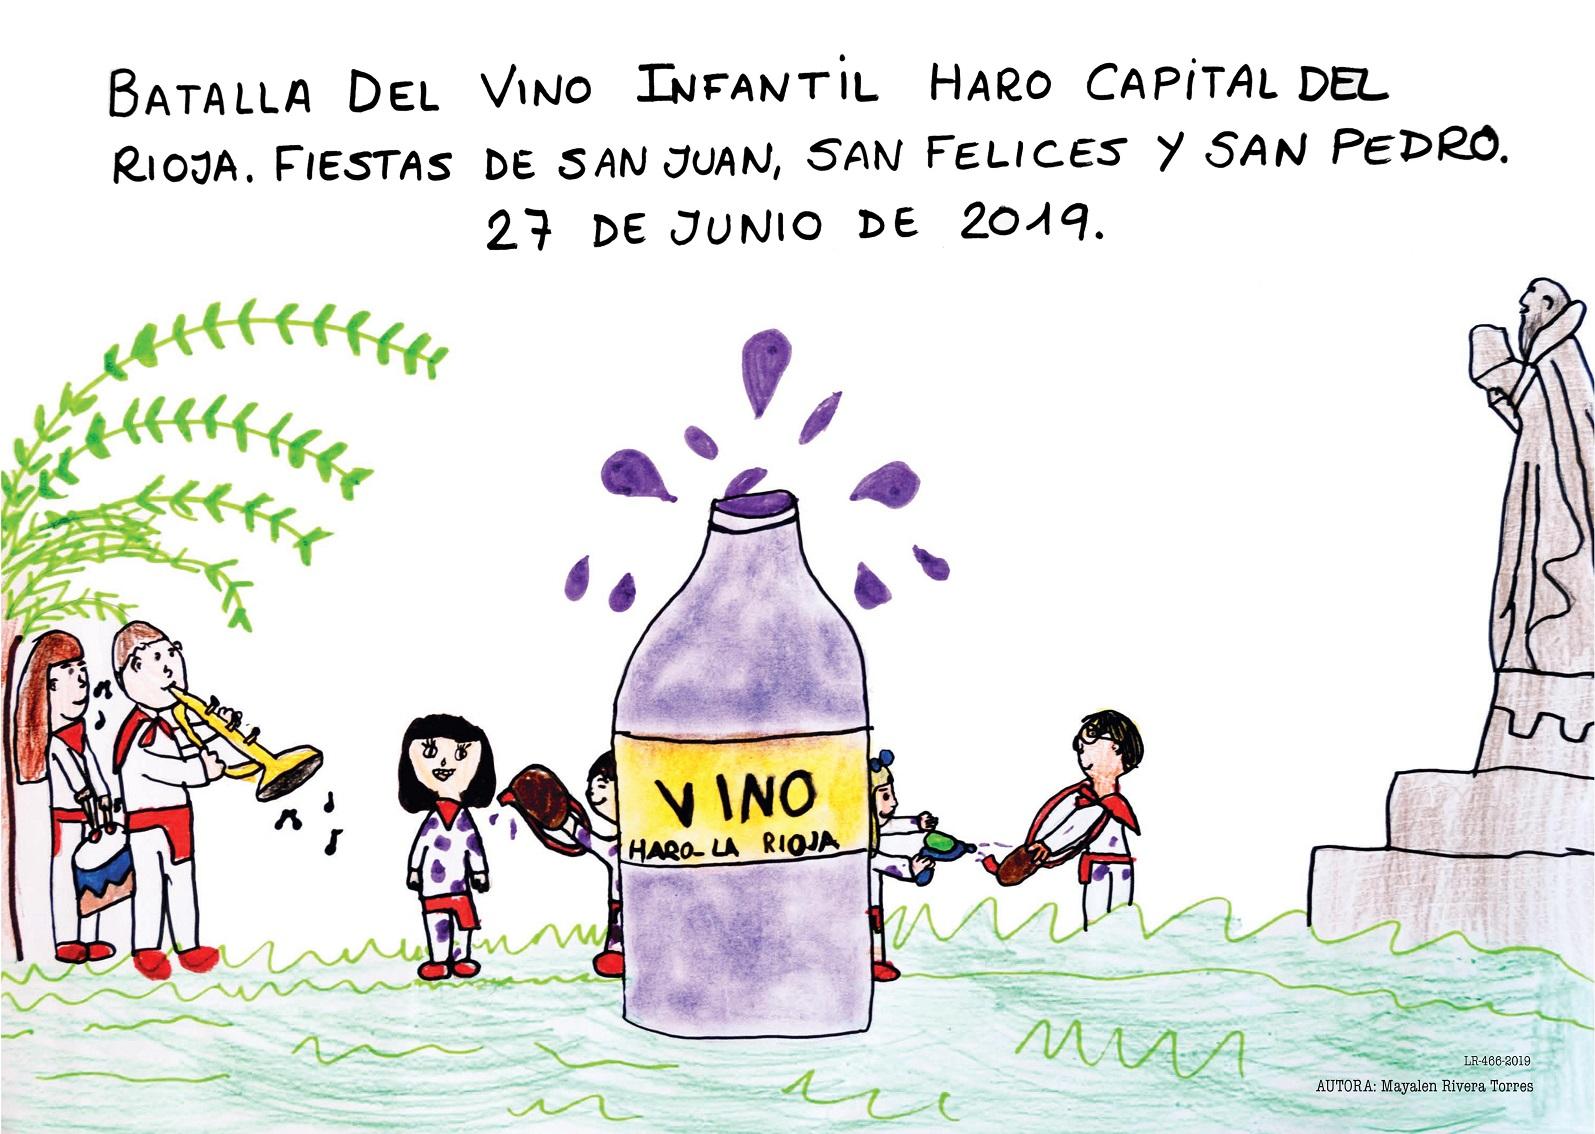 Cartel de la Batalla del Vino Infantil